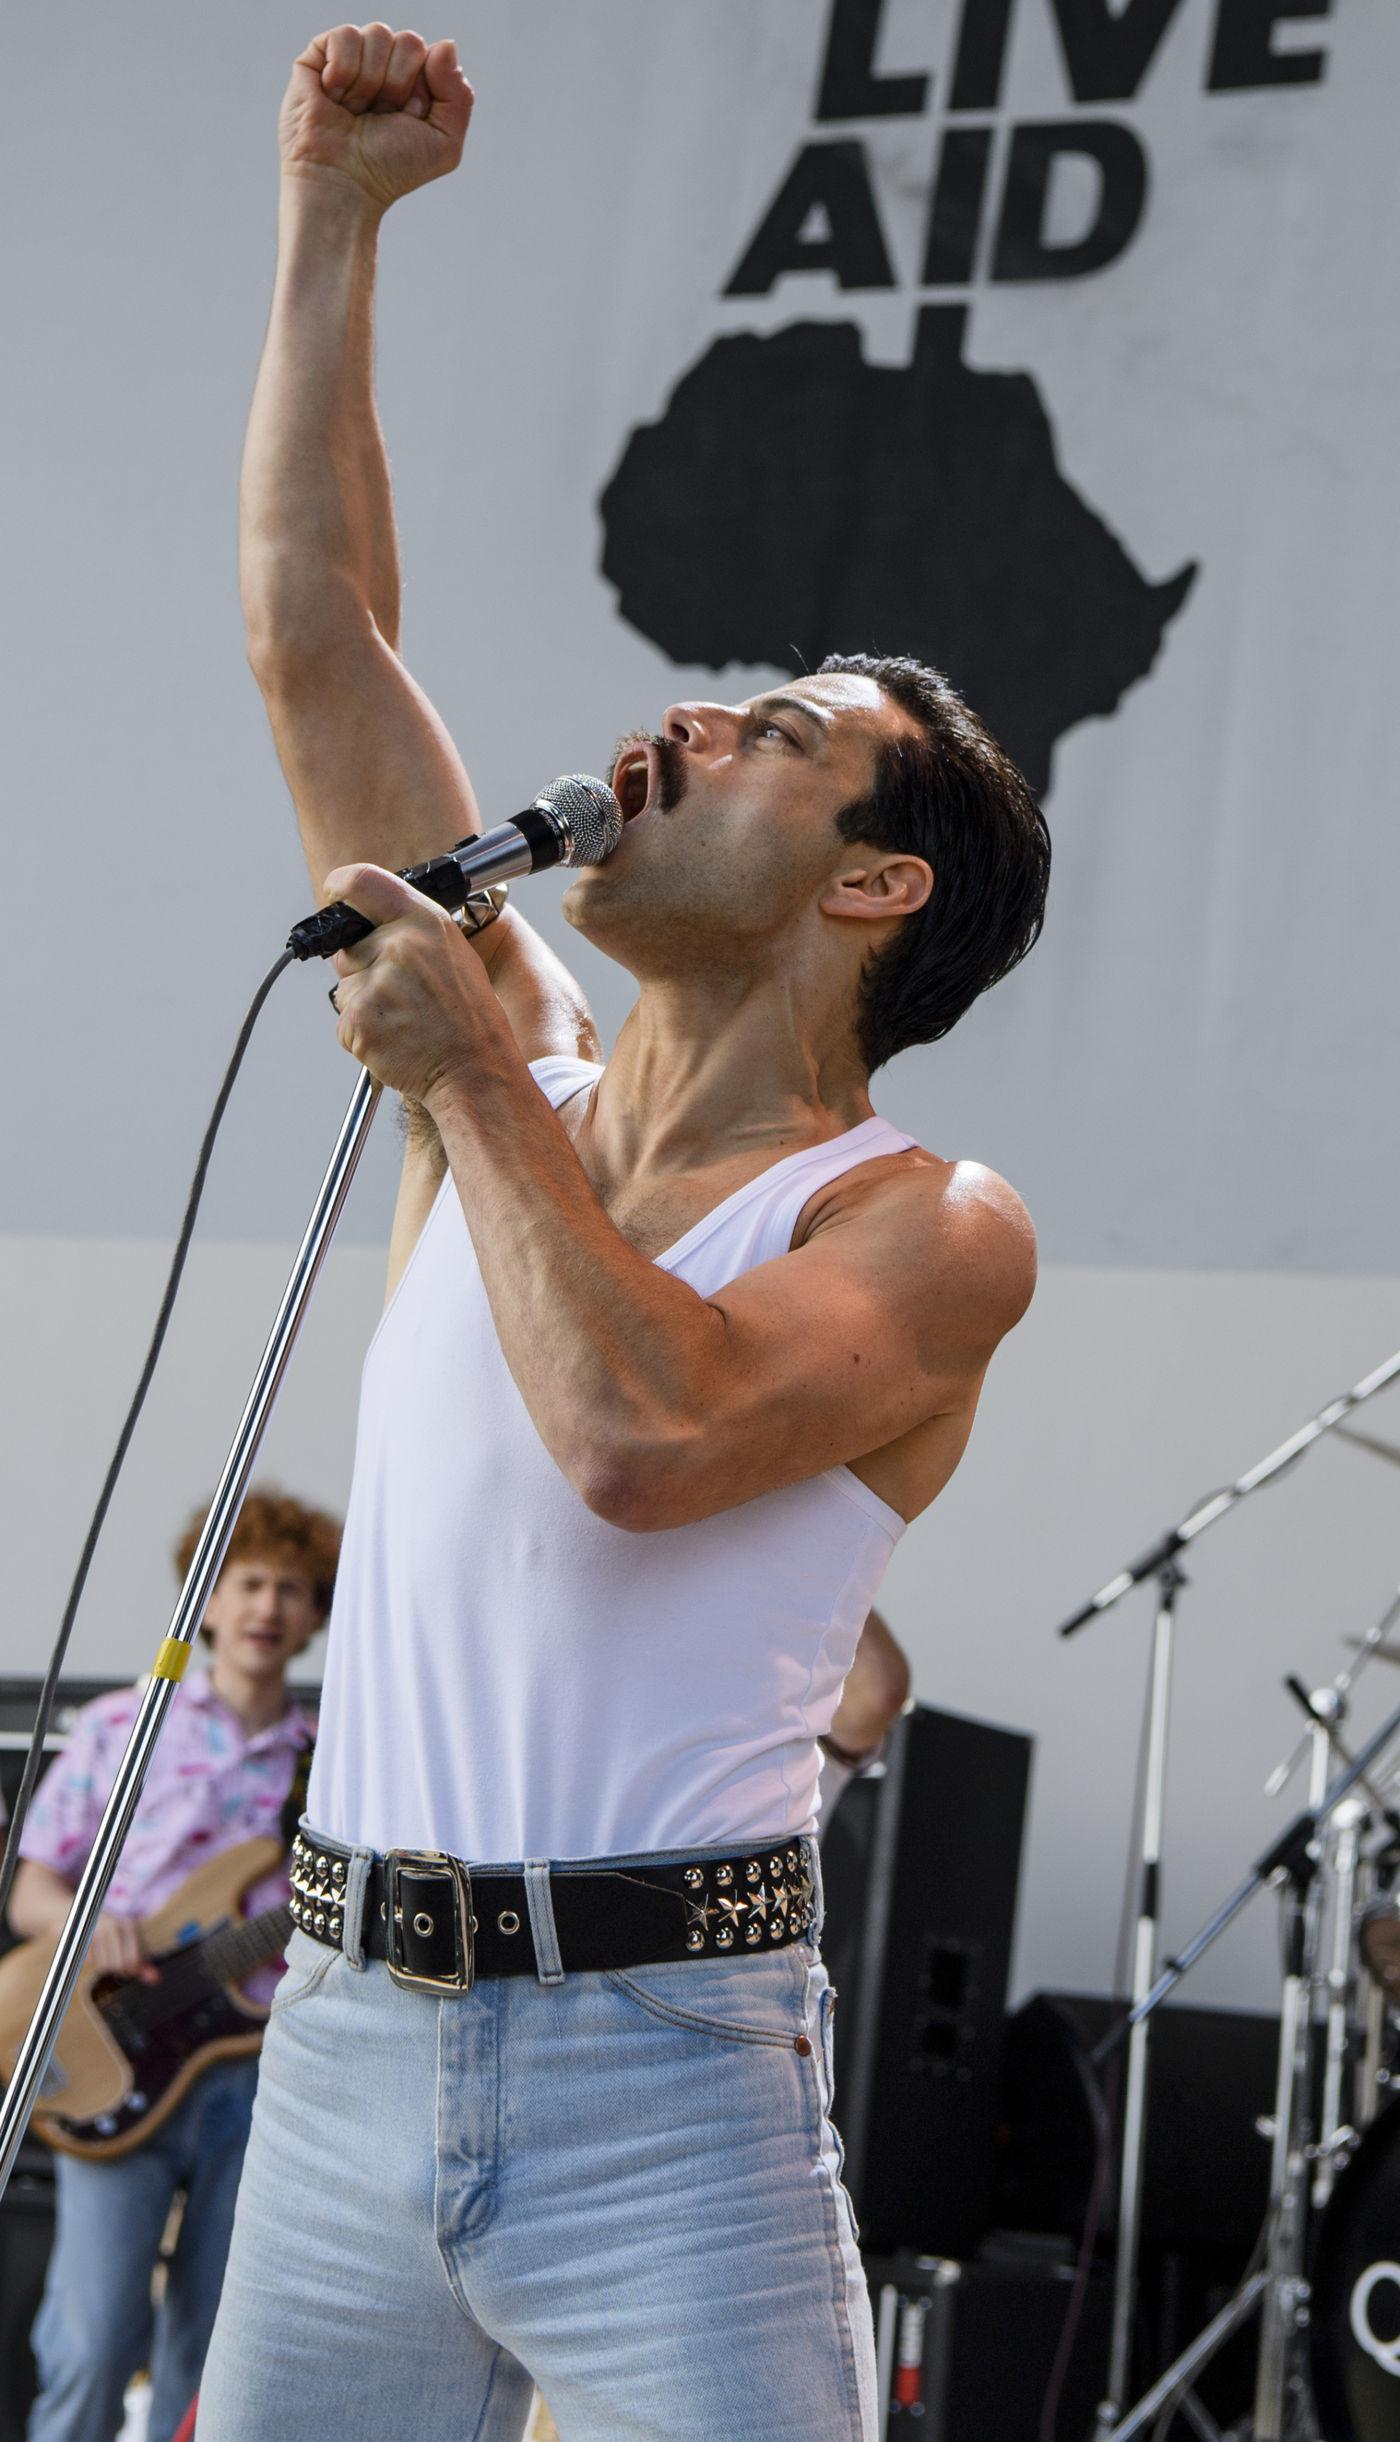 Queen Rami Malek Spricht über Dreharbeiten Zu Bohemian Rhapsody